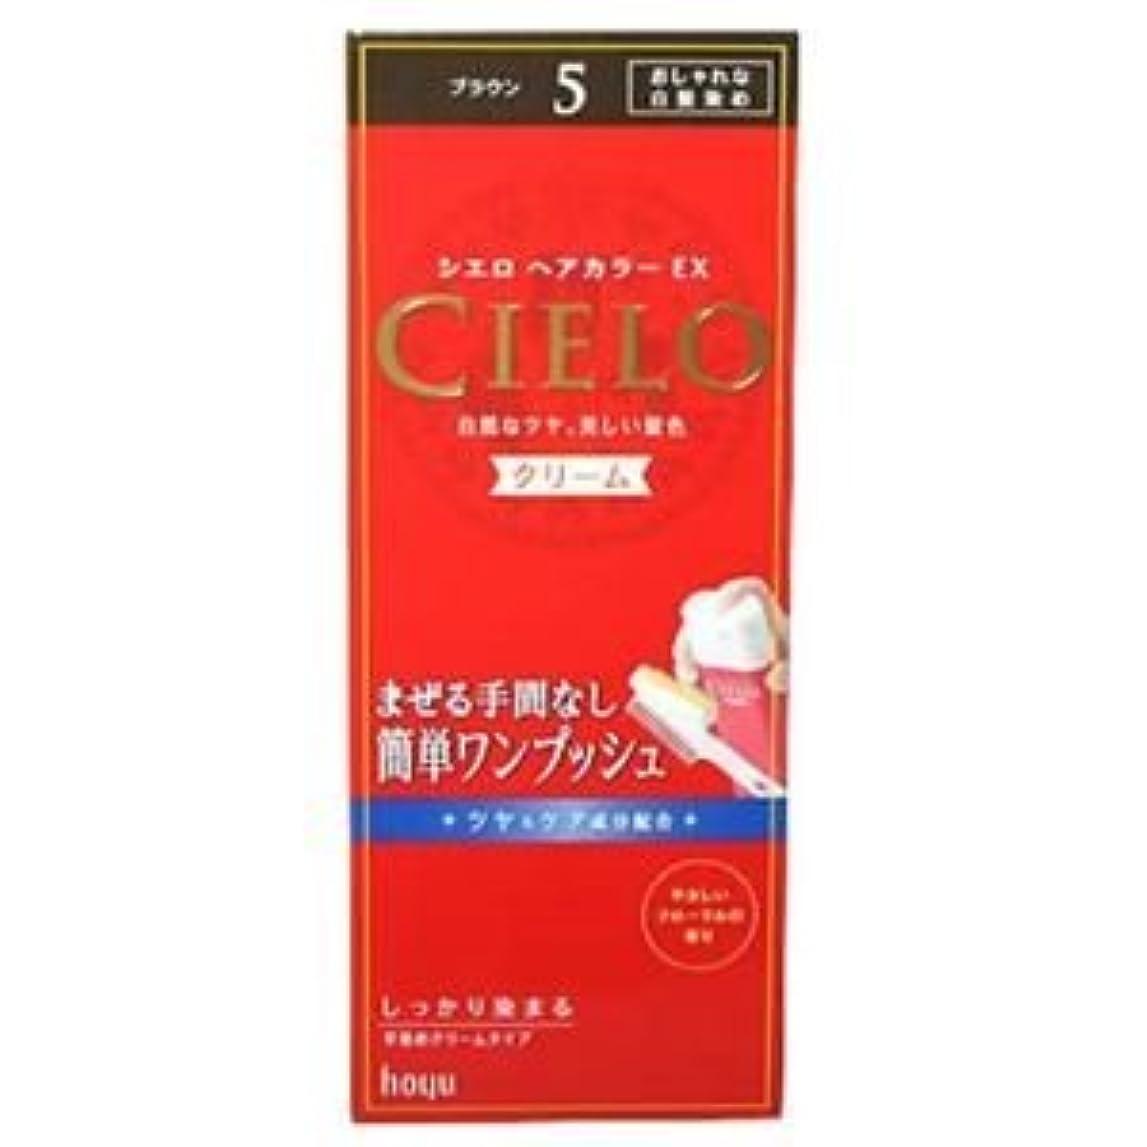 代理店ヒューマニスティック納税者シエロ ヘアカラーEX クリーム5 (ブラウン) 7セット